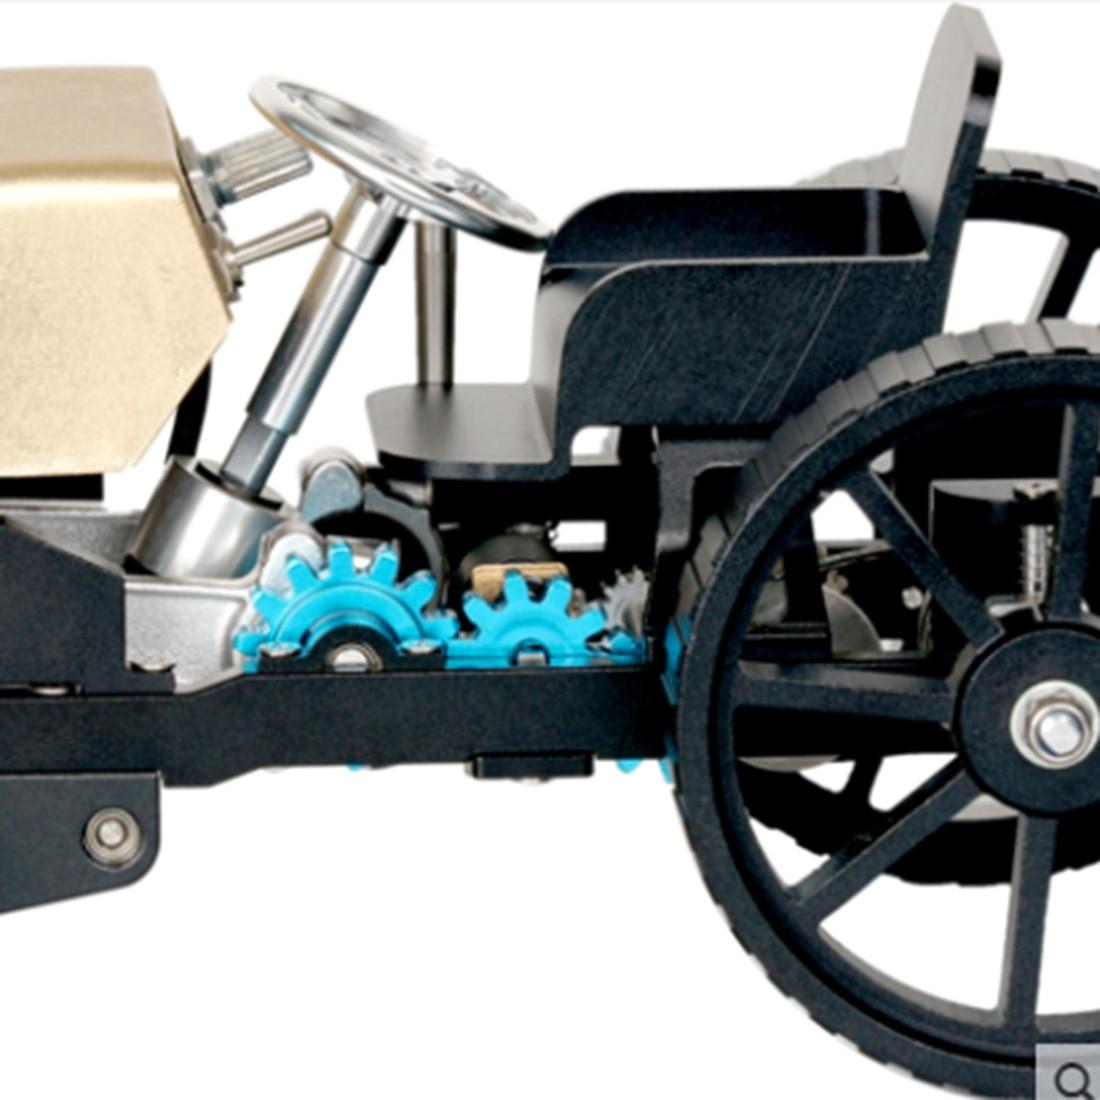 Творческий цельнометаллический Ретро модель автомобиля высокий вызов в собранном виде электрическая модель комплект - 3